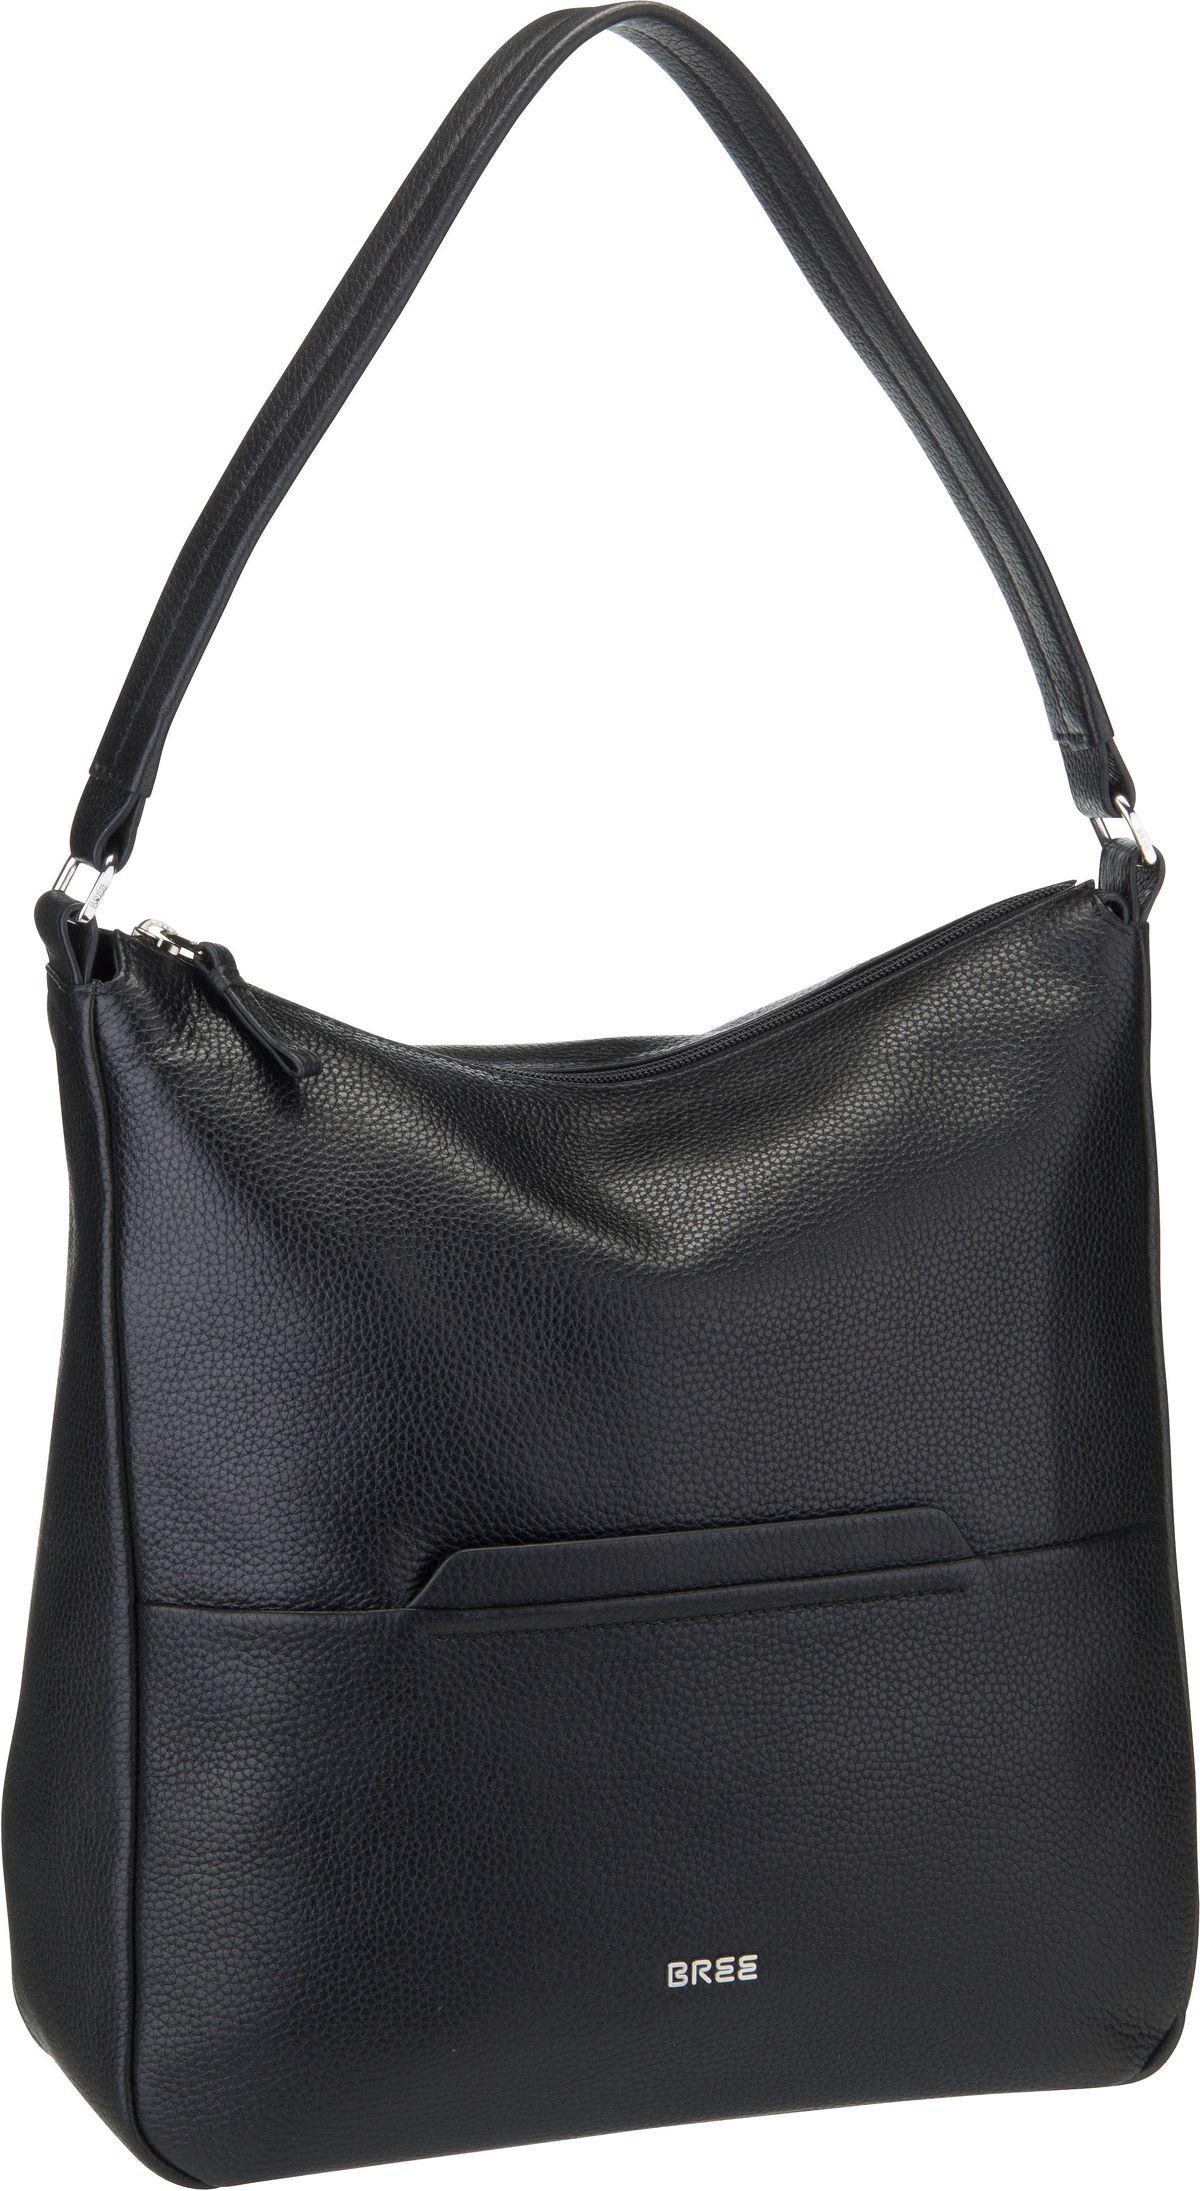 Handtasche Nola 12 Black